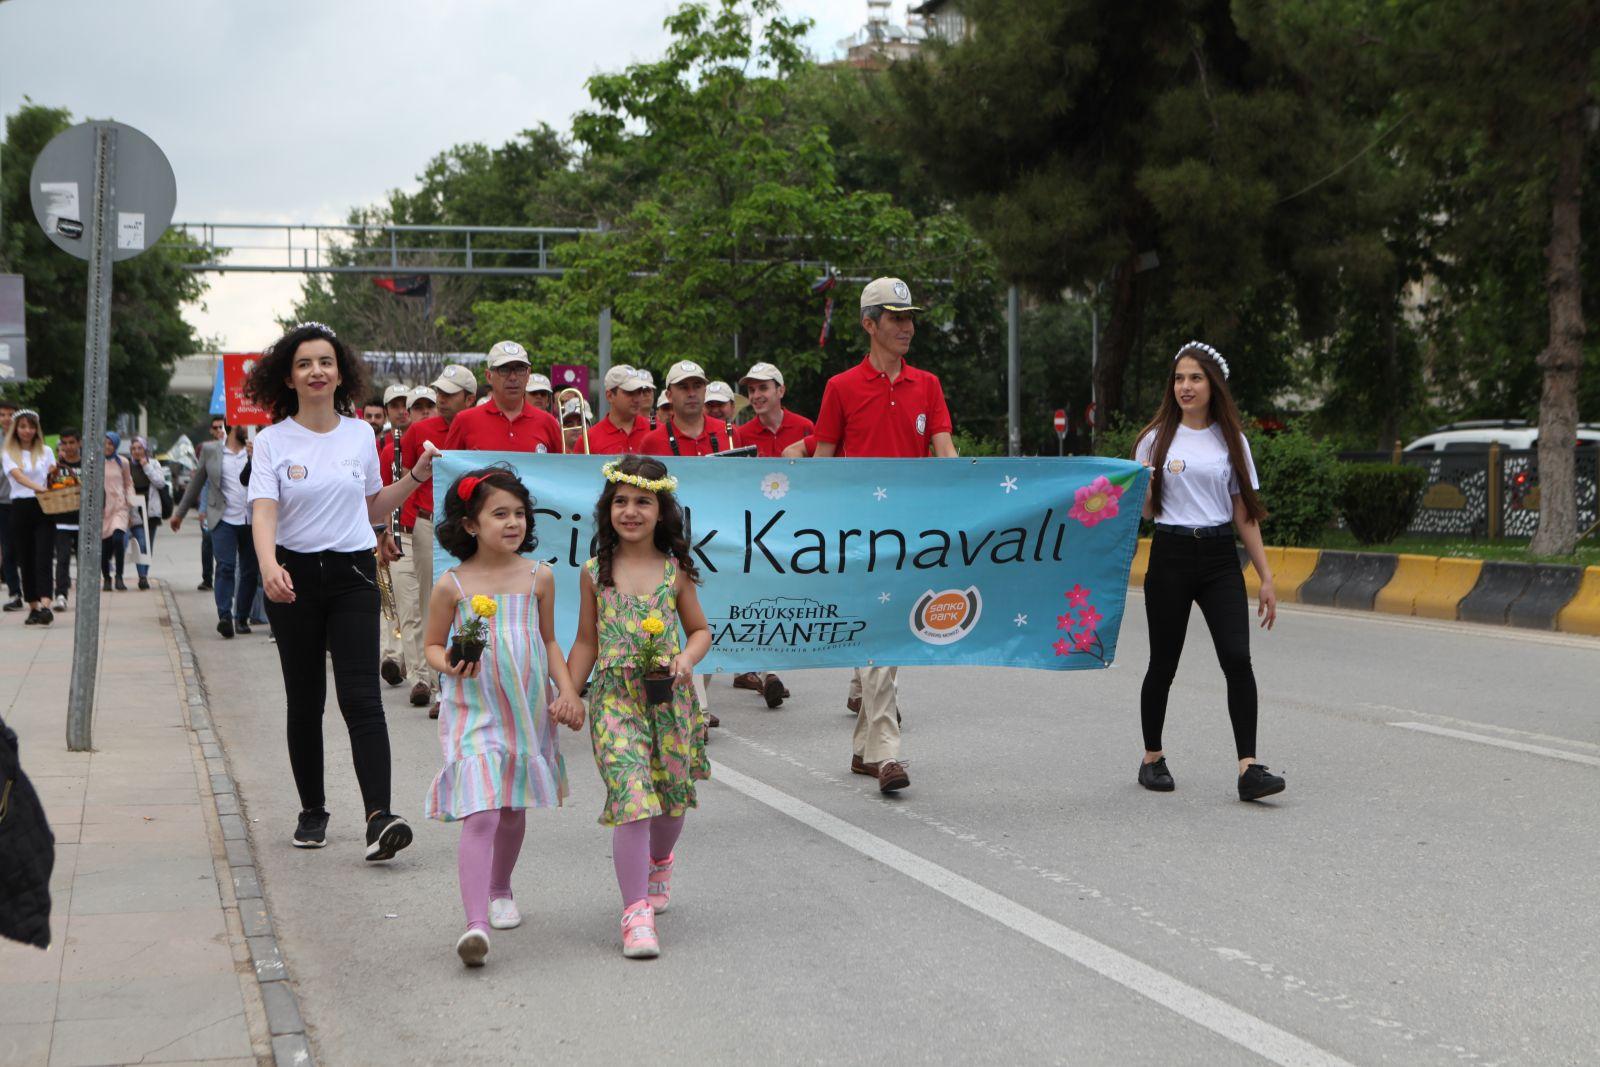 Elif Şenel, Fatma Şahin, M. Avni Gökalp, Niyazi Büyükaksu, Kadir Arslan